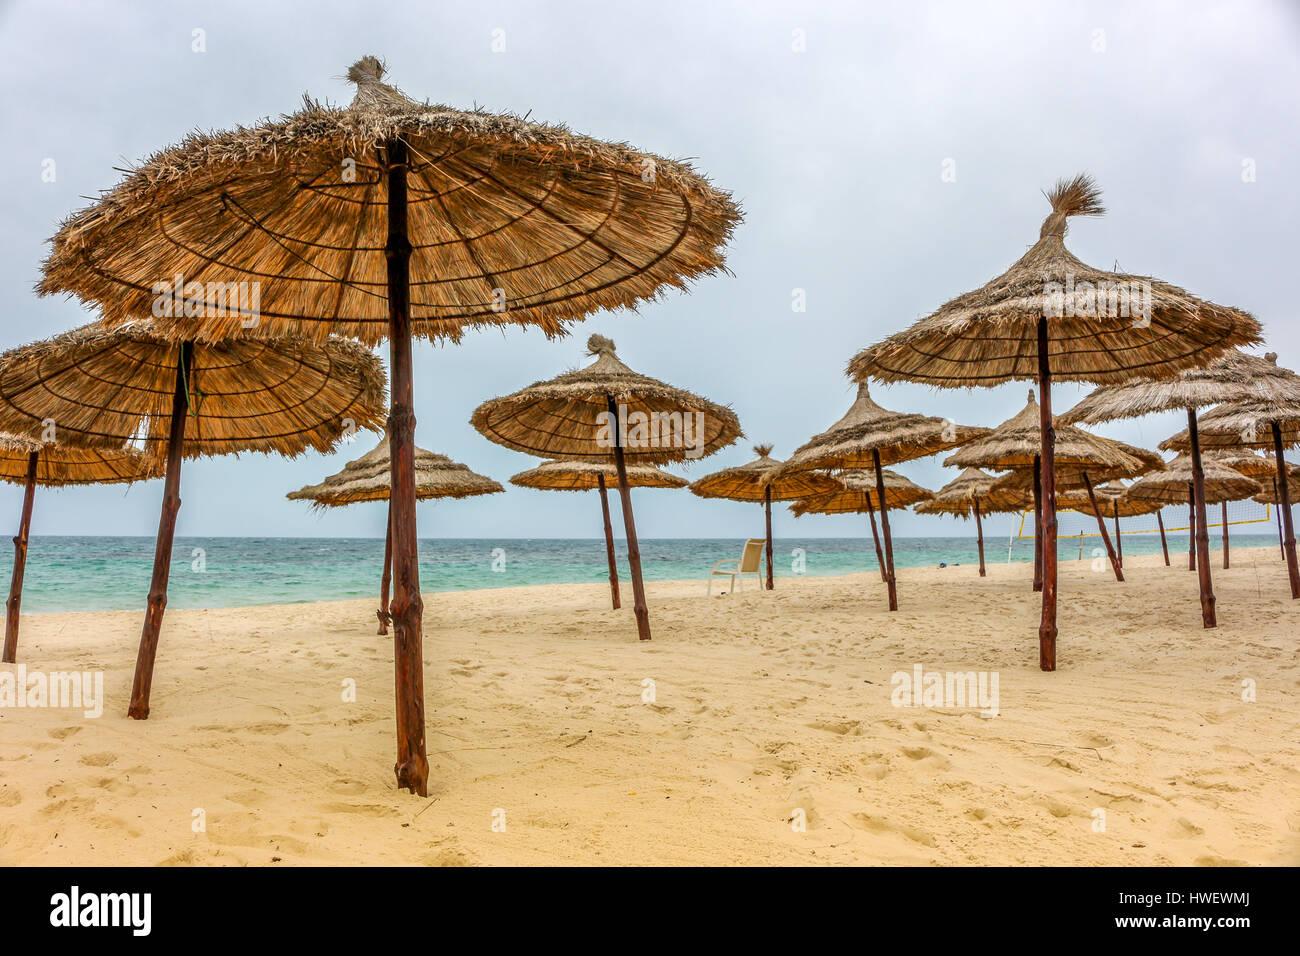 Viele Sonnenschirme in Tunesien - Stock Image